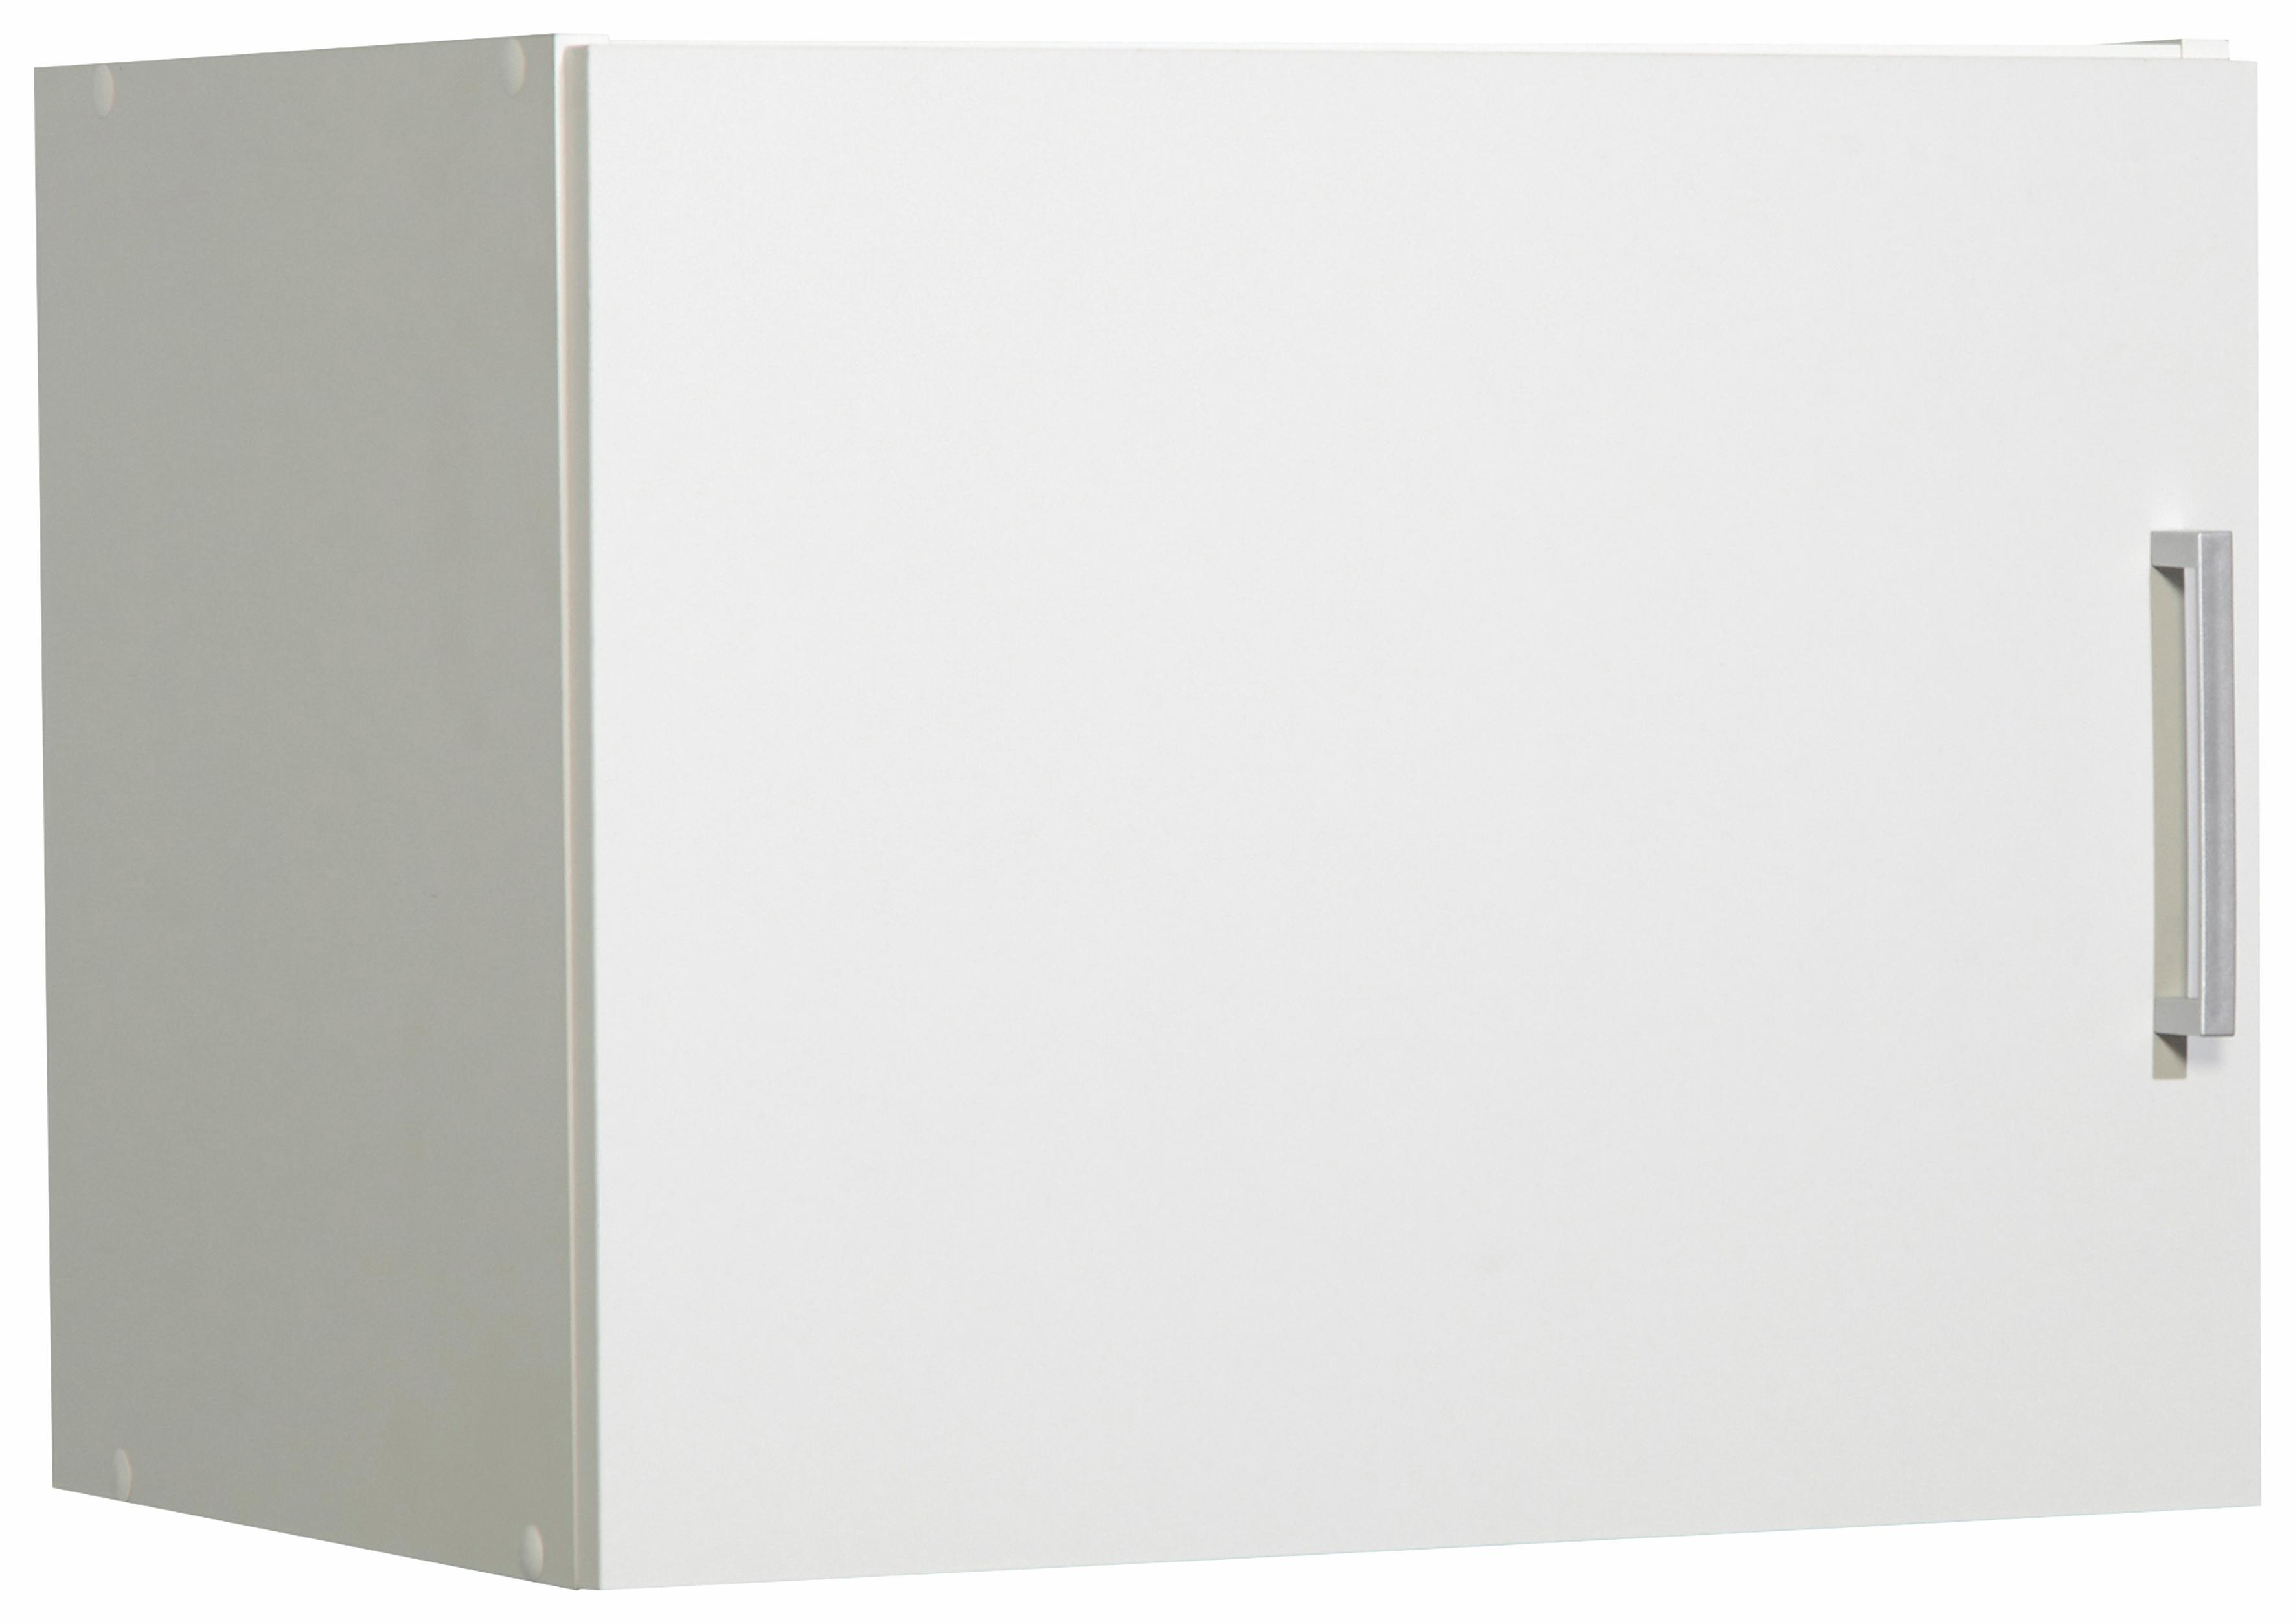 Wilmes Aufsatzschrank Ems, Breite 50 cm weiß Zubehör für Kleiderschränke Möbel